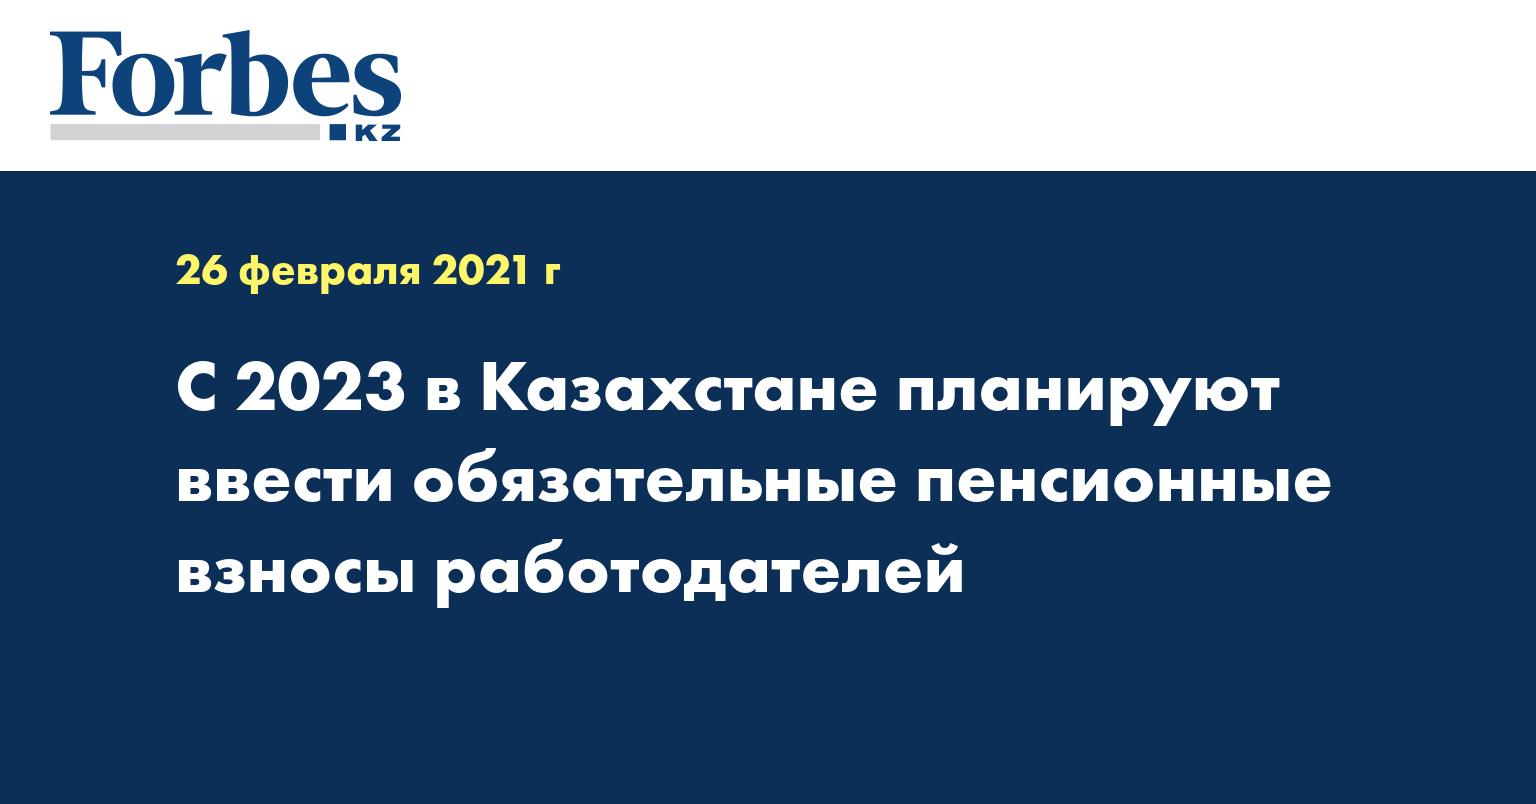 С  2023 в Казахстане планируют ввести обязательные пенсионные взносы работодателей